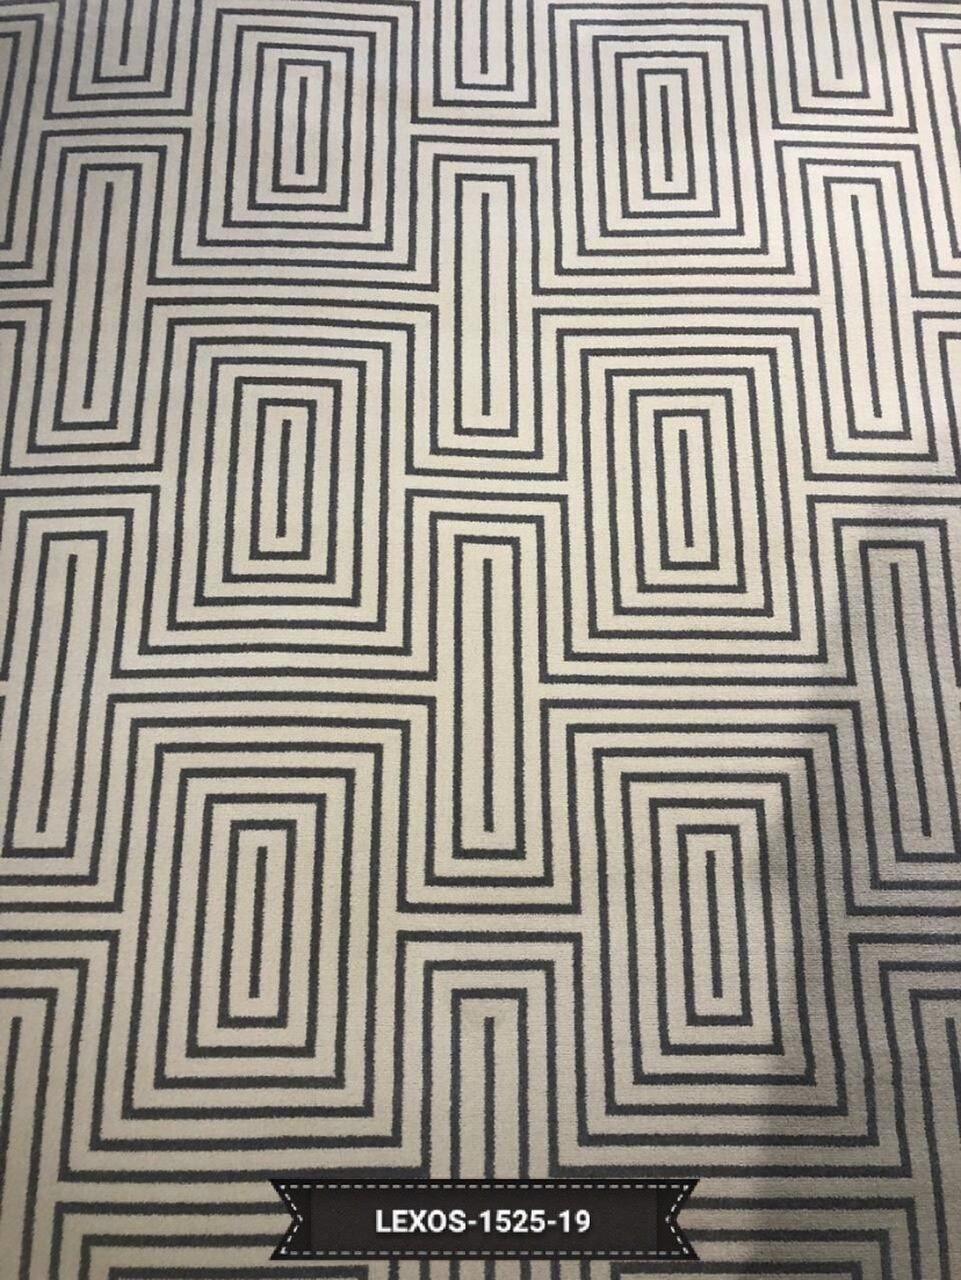 Tapete Lexos ref. 1525-19 - 250 x 350 cm